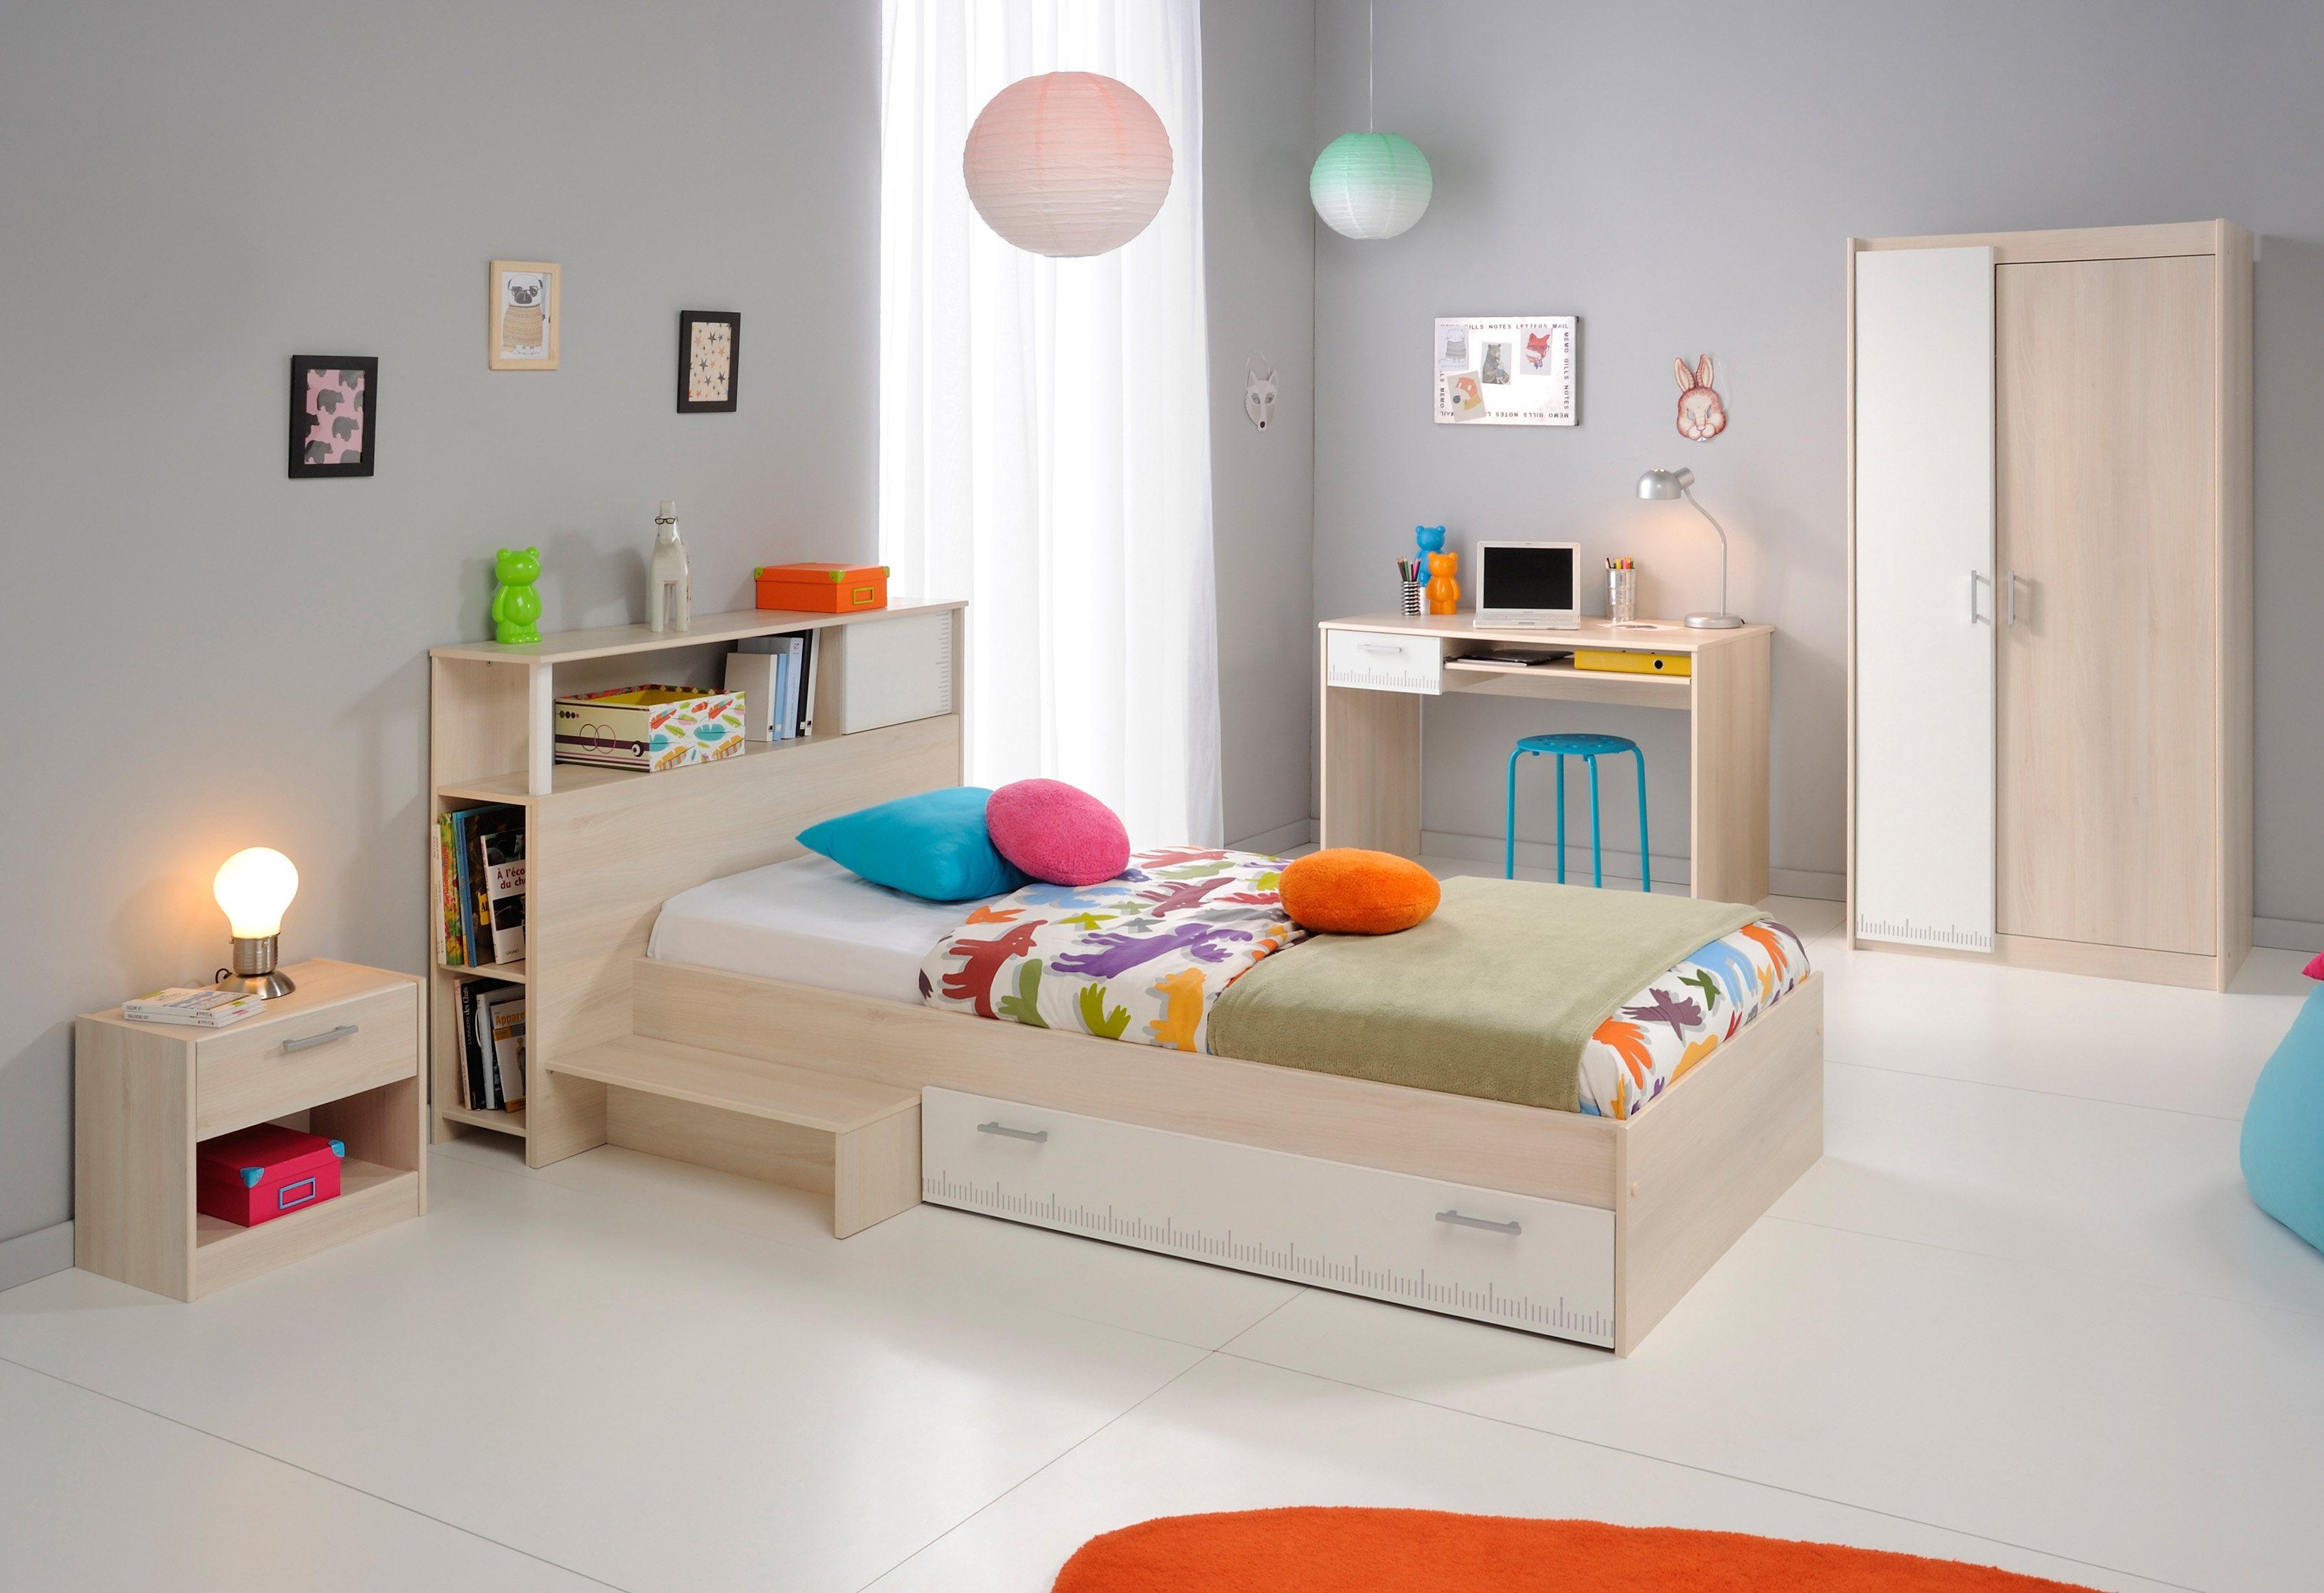 Futonbett 180 ohne matratze preisvergleich die besten angebote online kaufen - Jugendzimmer set angebote ...